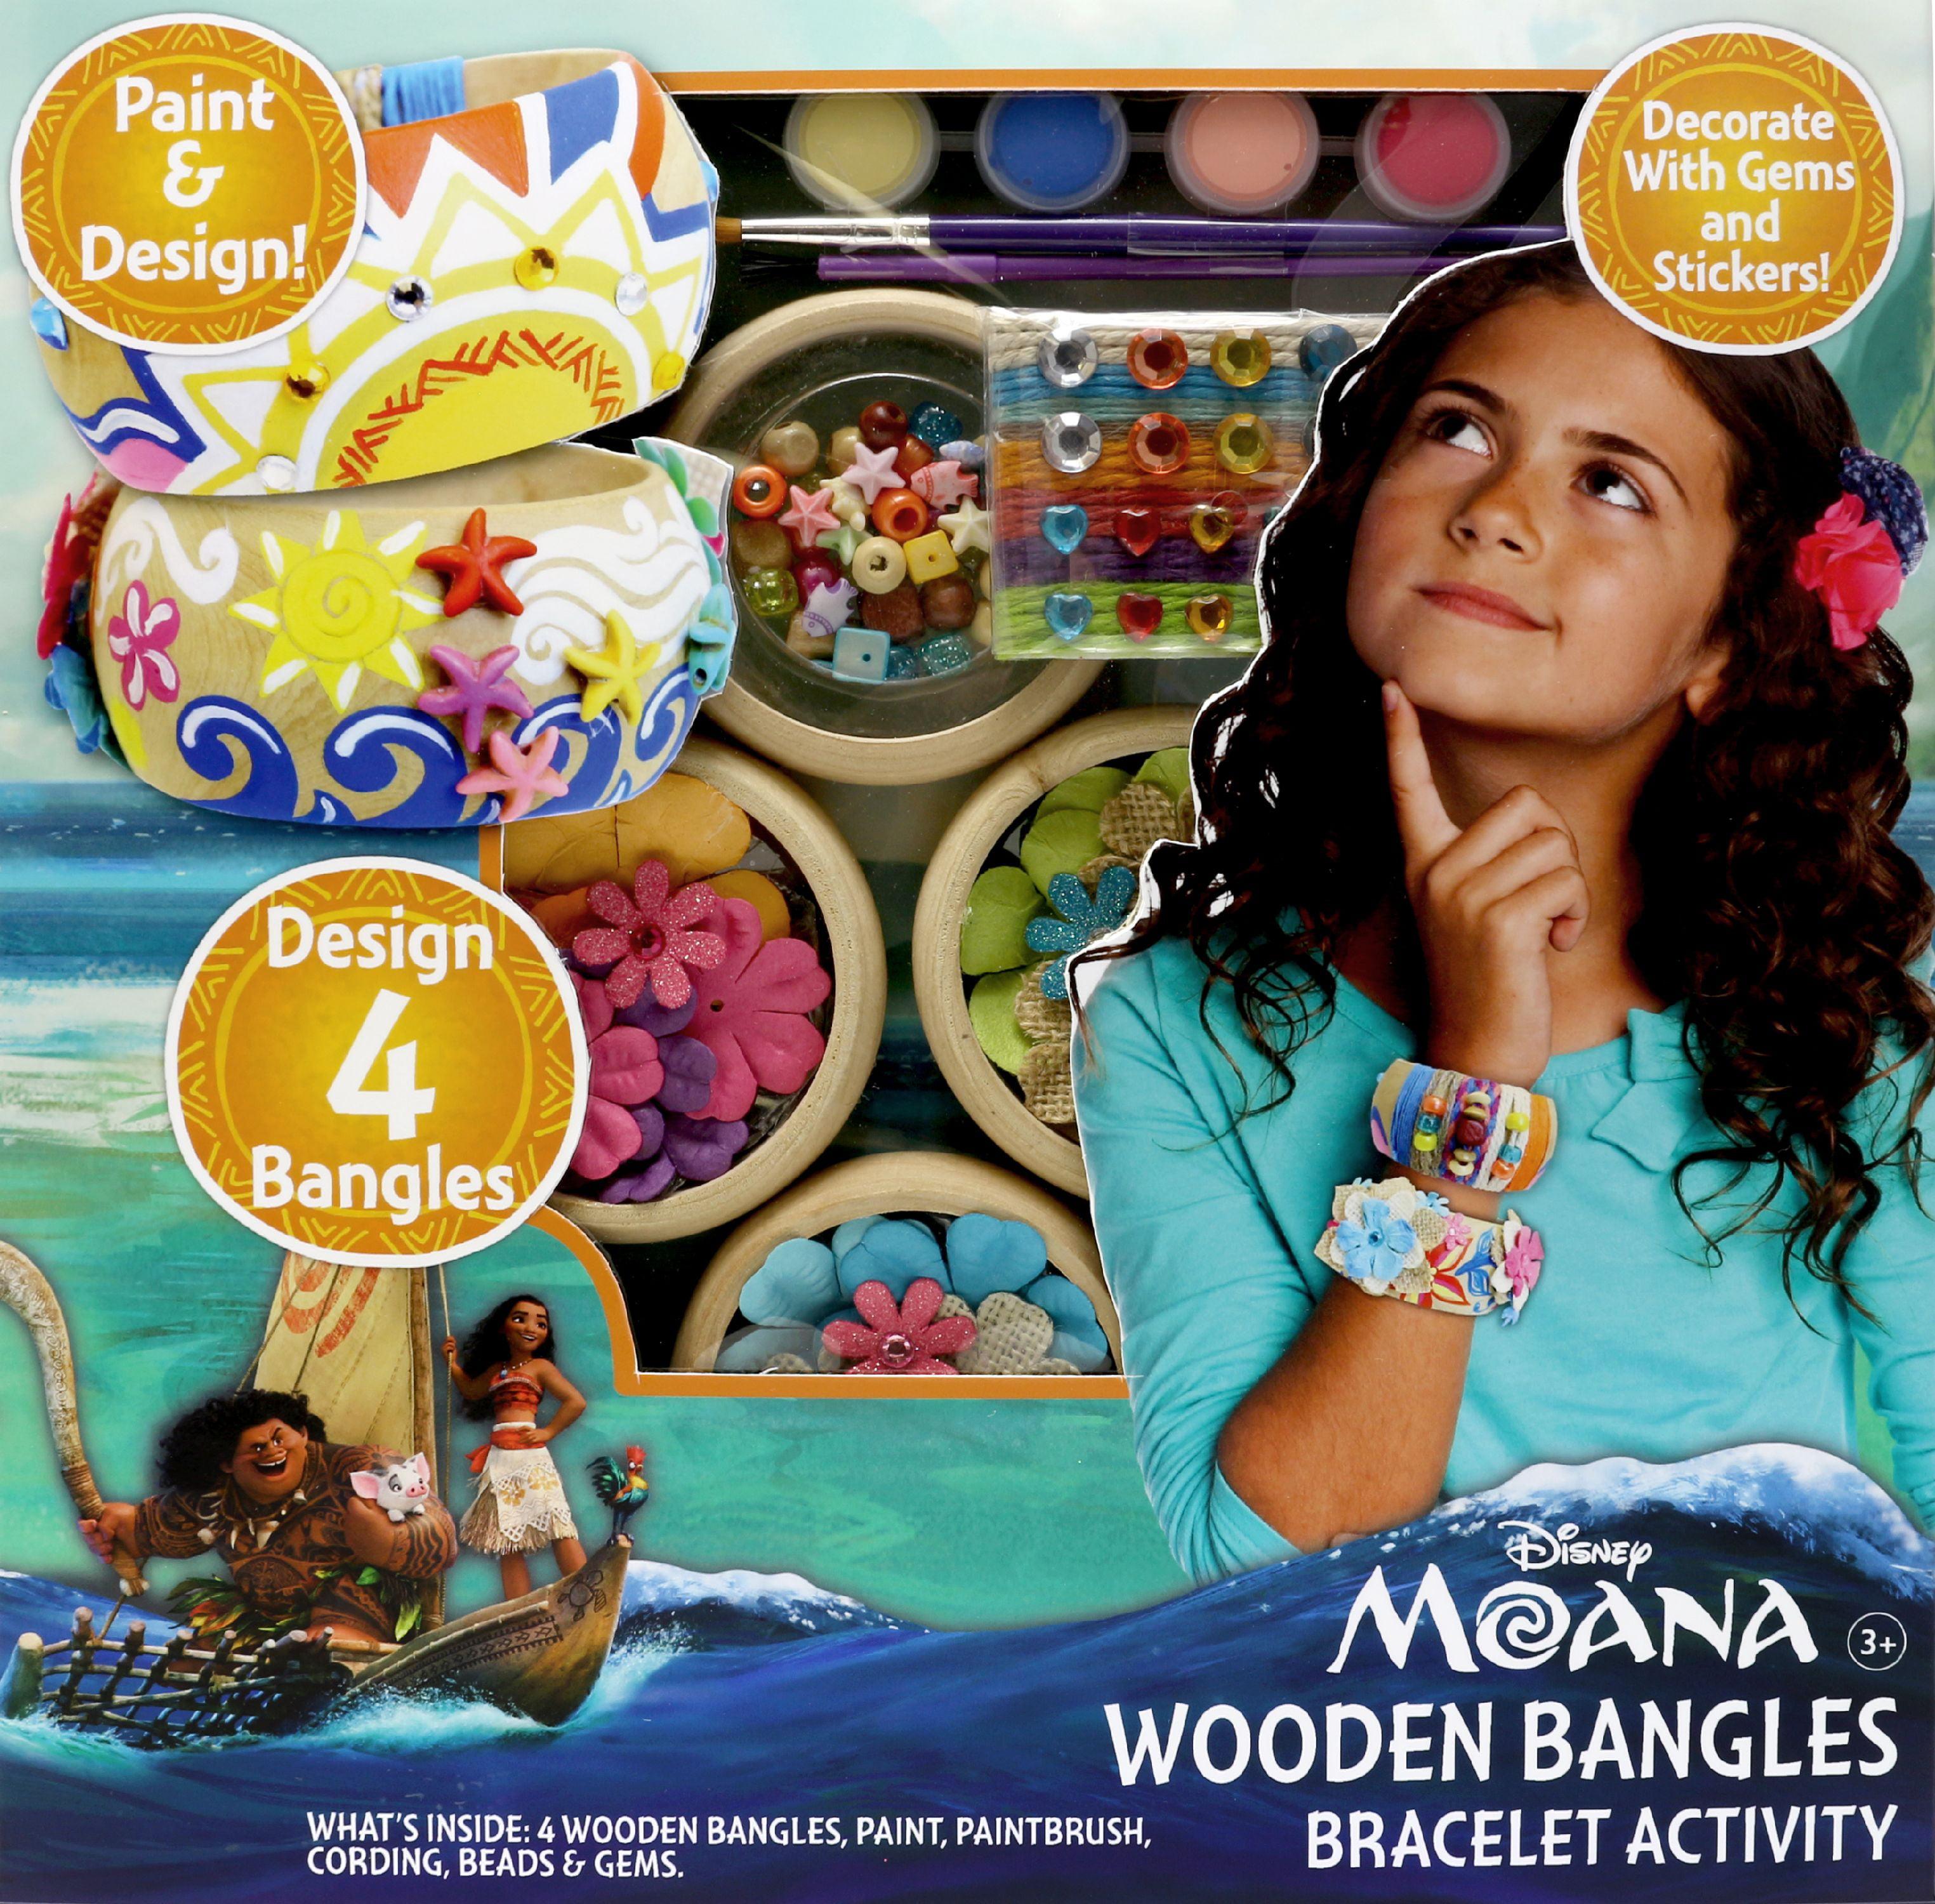 Disney Moana Wooden Bangles Bracelet Activity by Tara Toys